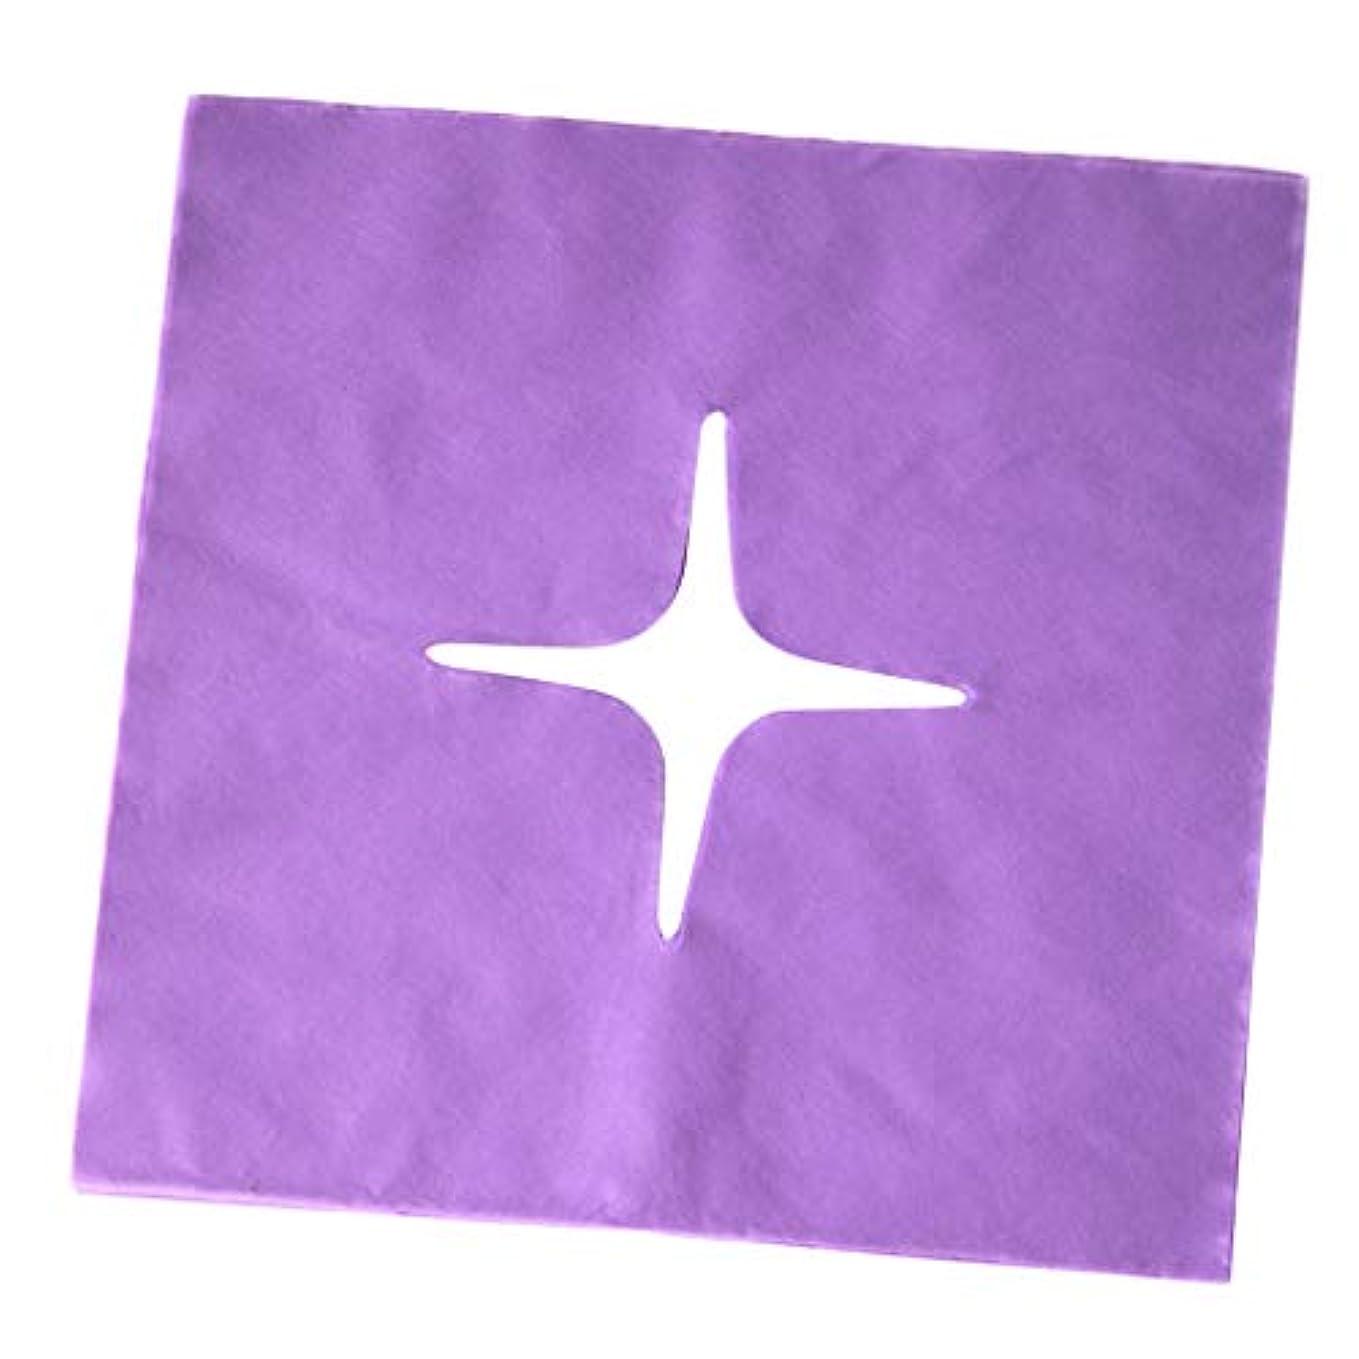 フックねじれ解き明かすchiwanji マッサージ フェイスクレードルカバー スパ用 美容院 ビューティーサロン マッサージサロン 全3色 - 紫の